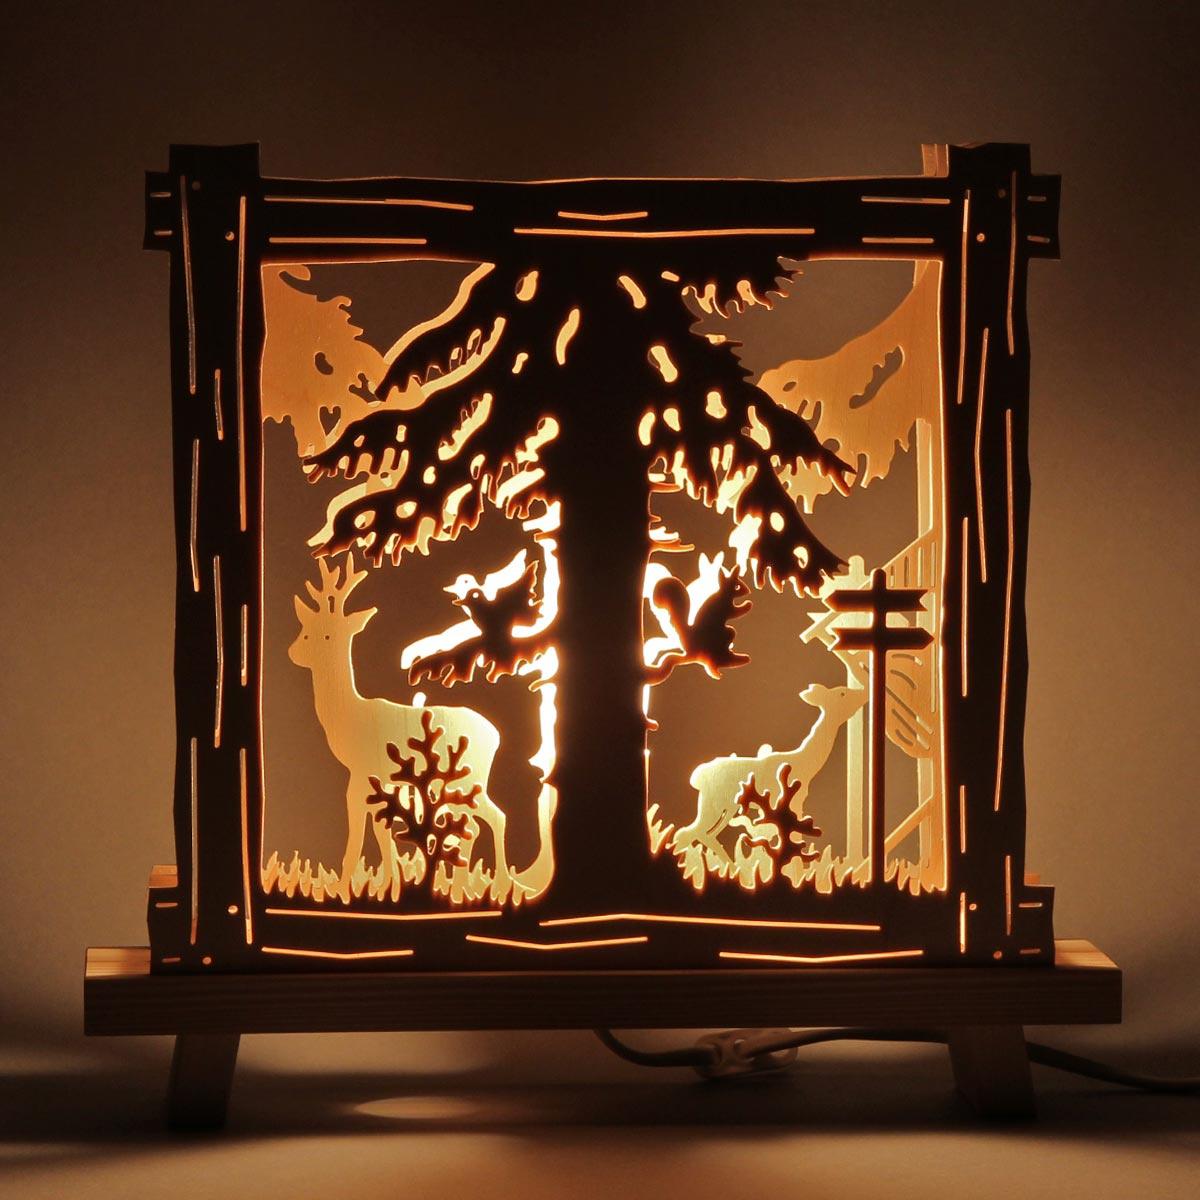 Fensterbild stehend beleuchtet reh an futterkrippe von for Weihnachtsreh beleuchtet